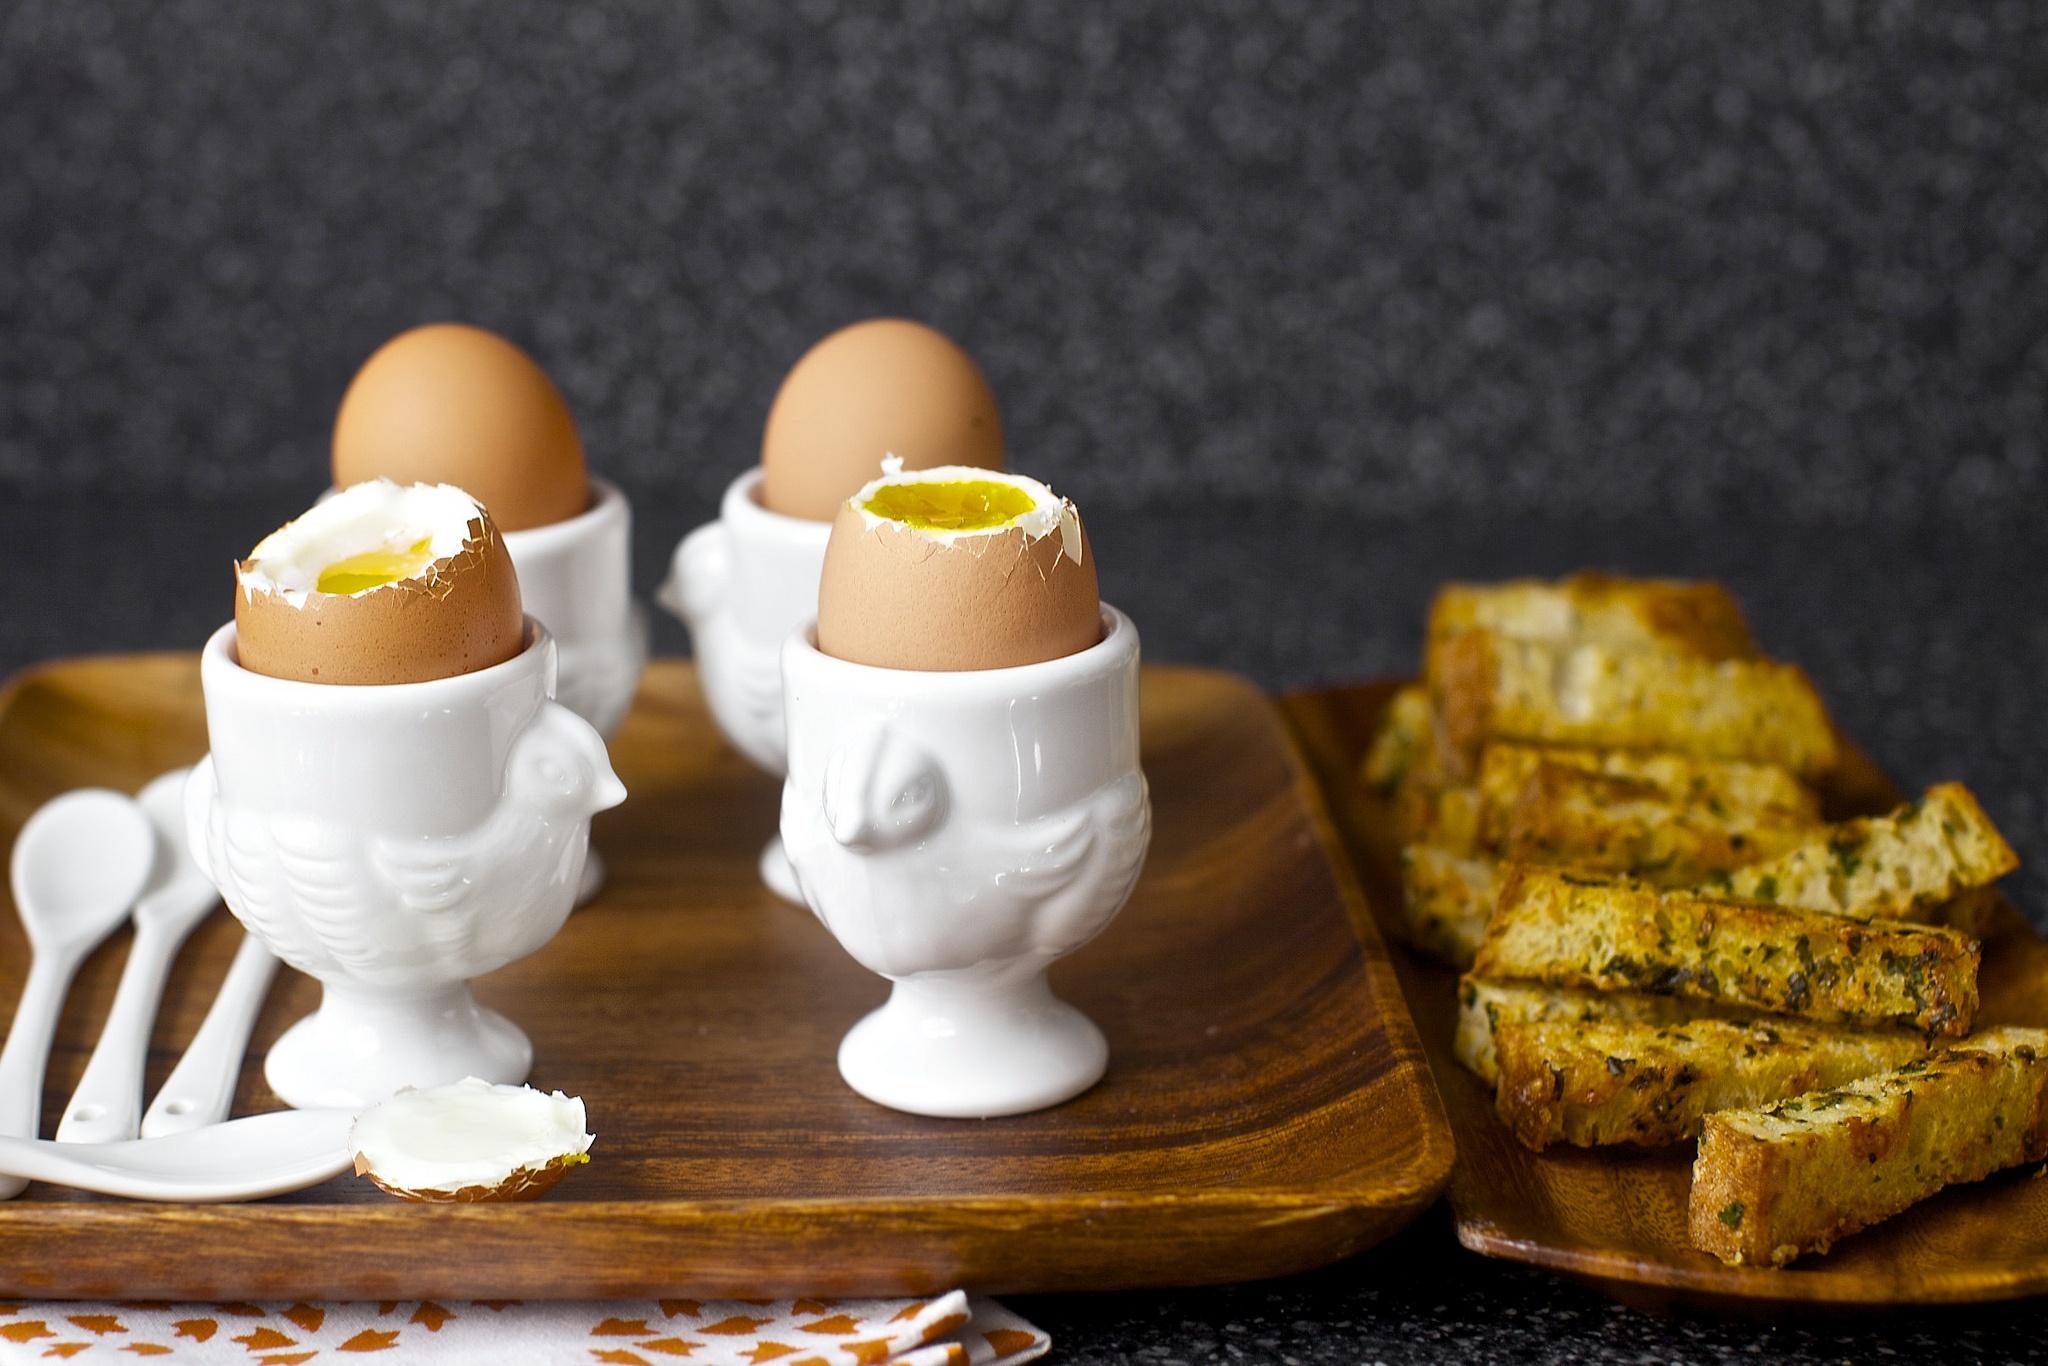 Яйца всмятку на подставках